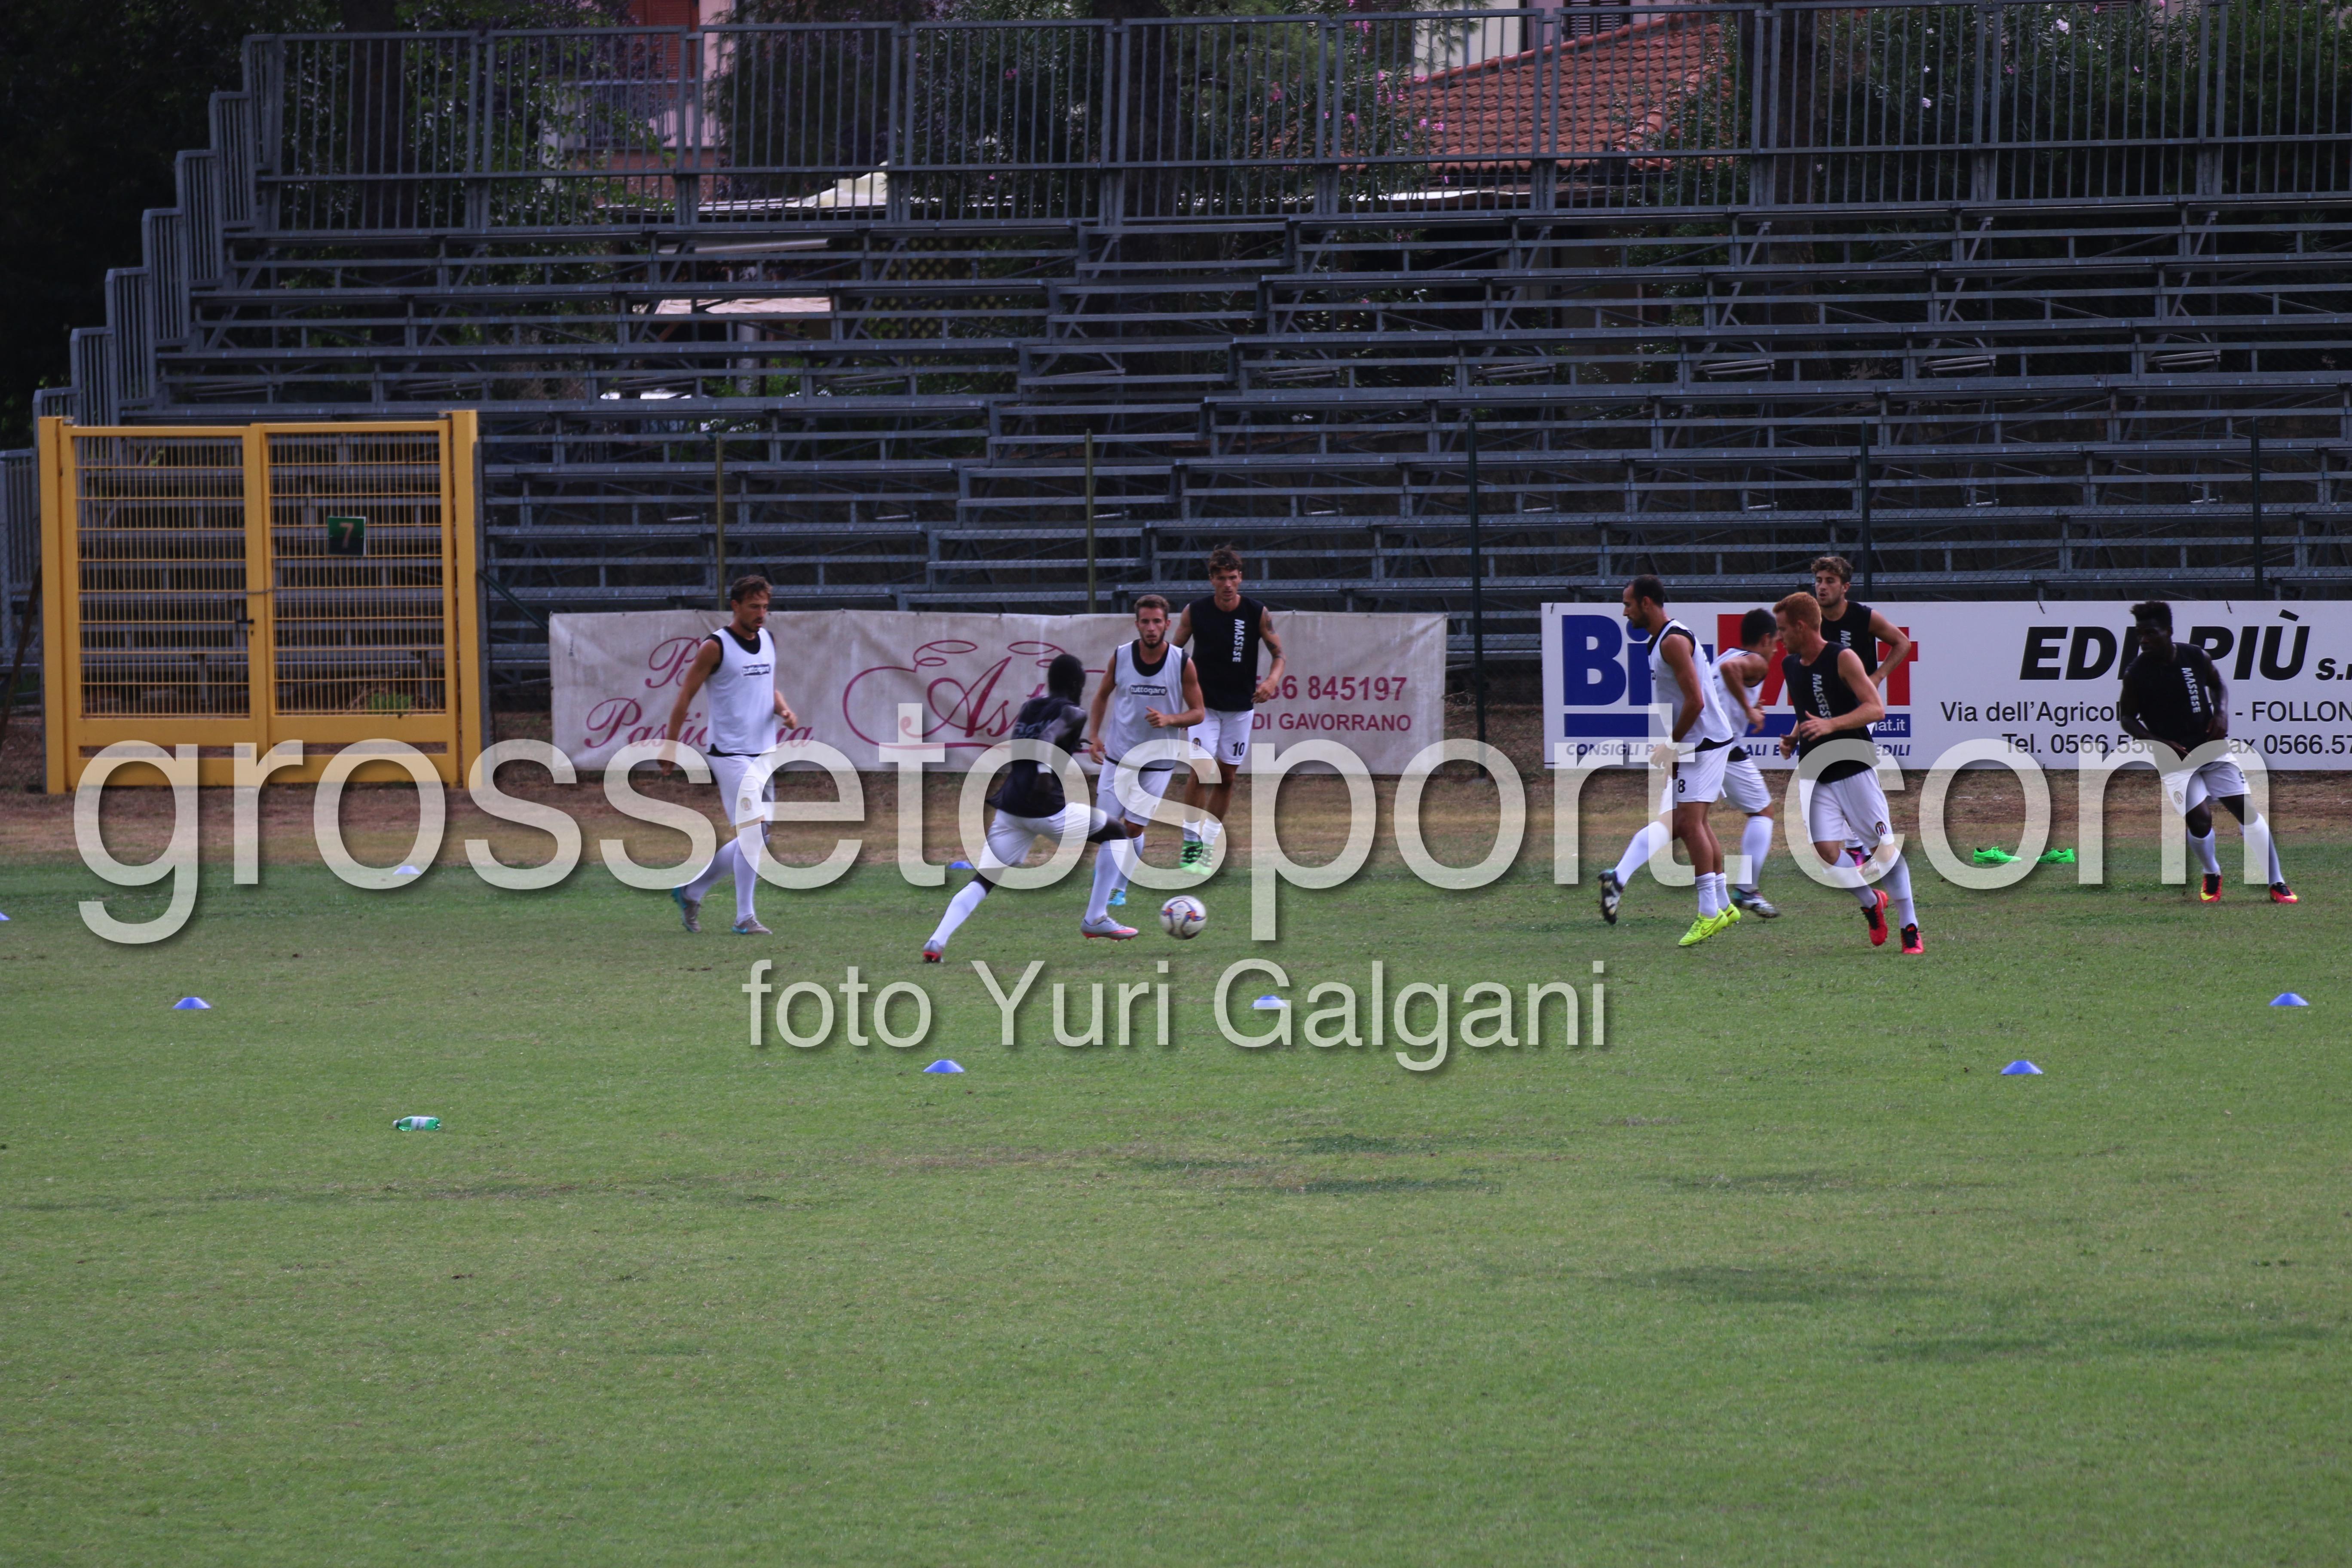 gavorrano-massese-1-a-0-11-settembre-2016mg_4273